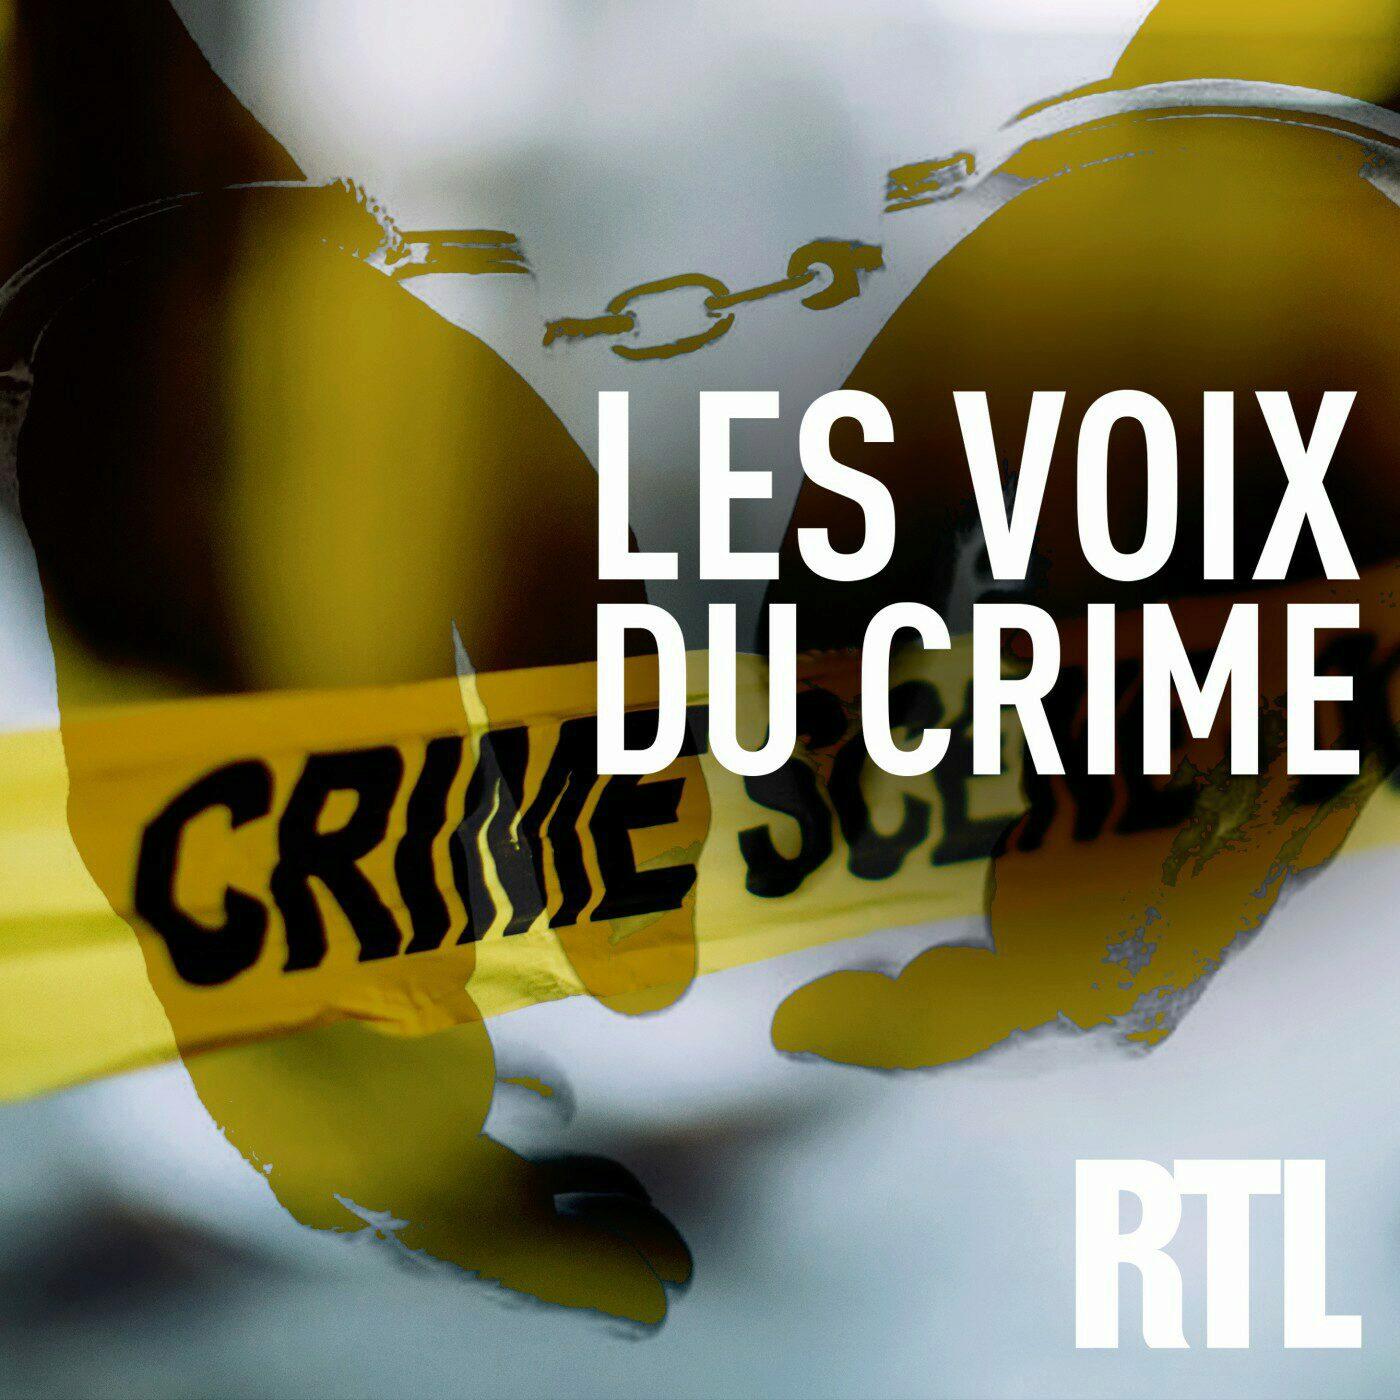 DÉCOUVERTE - Les Voix du crime - Francis Heaulme : Comment Jean-François Abgrall a déchiffré le tueur en série